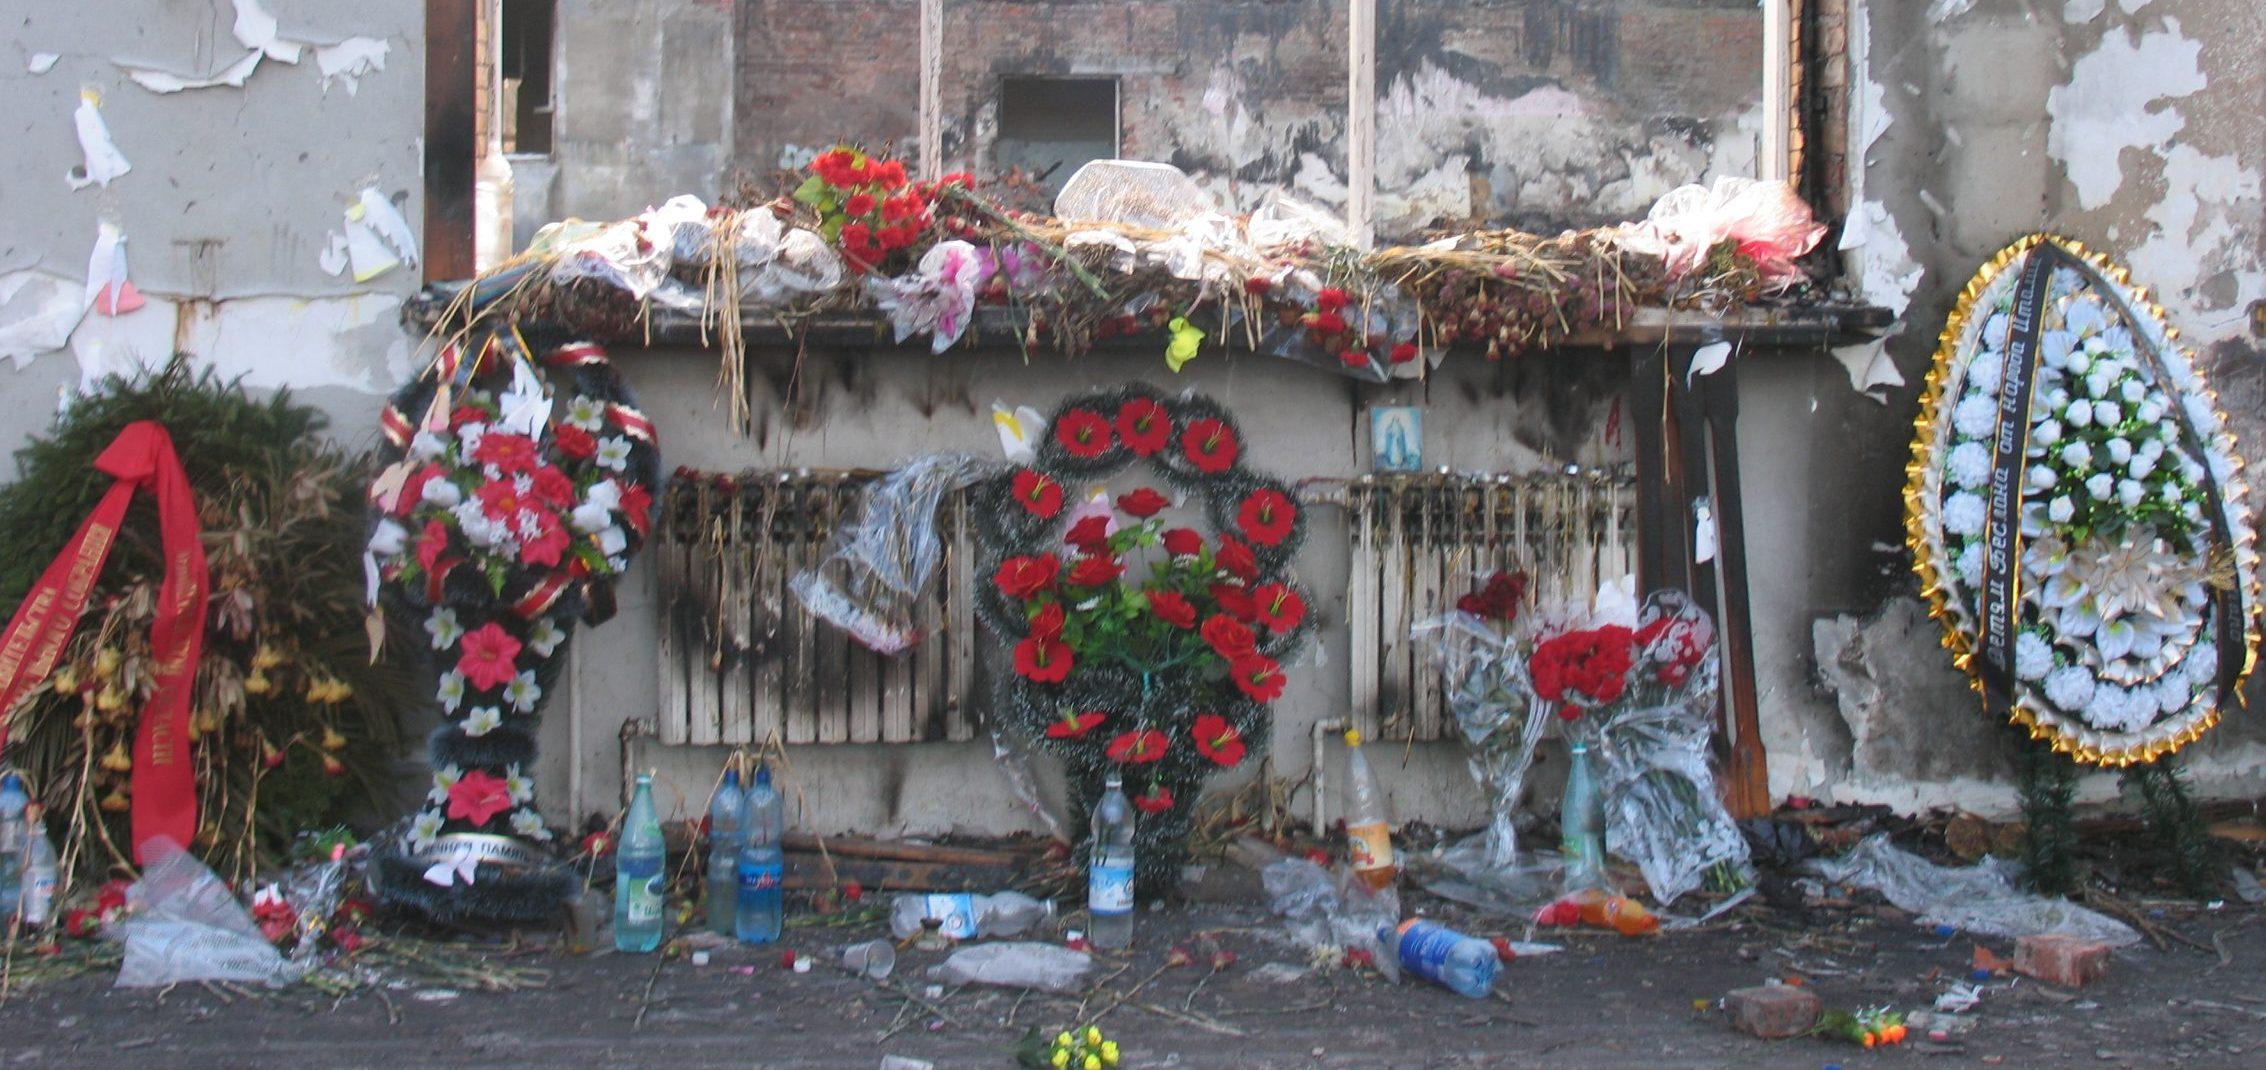 Beslan, eine Stadt sucht die Wahrheit